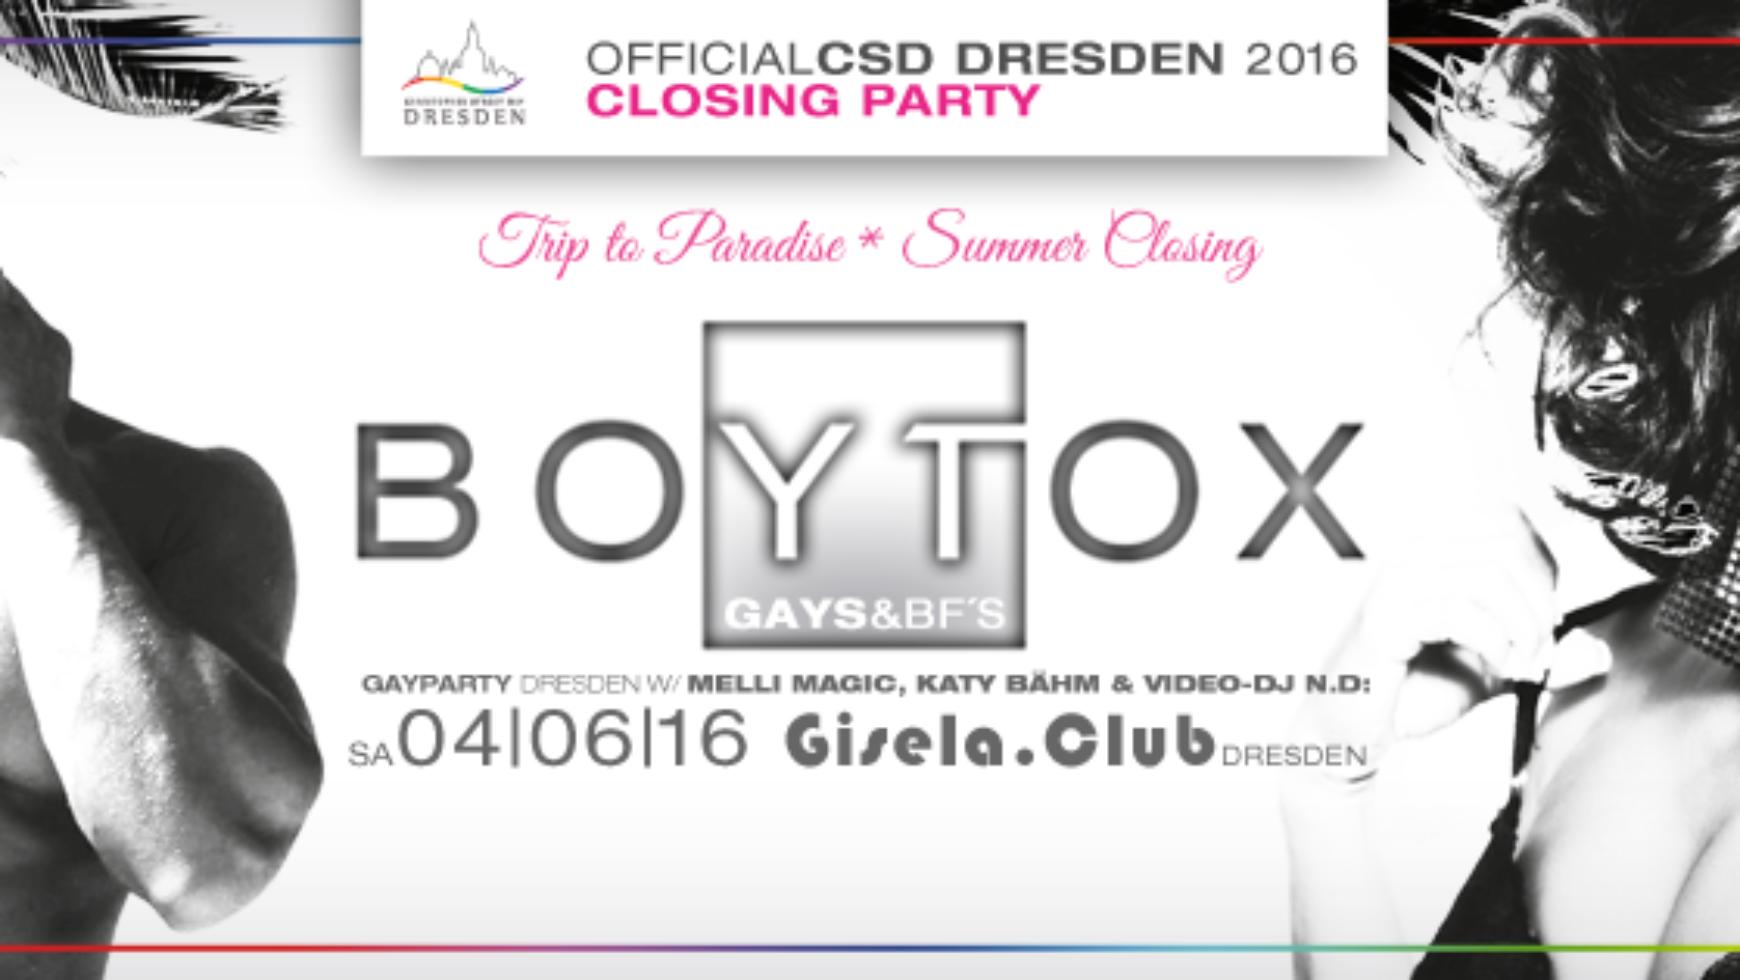 BOYTOX GAYPARTY – Die offizielle Abschlussparty